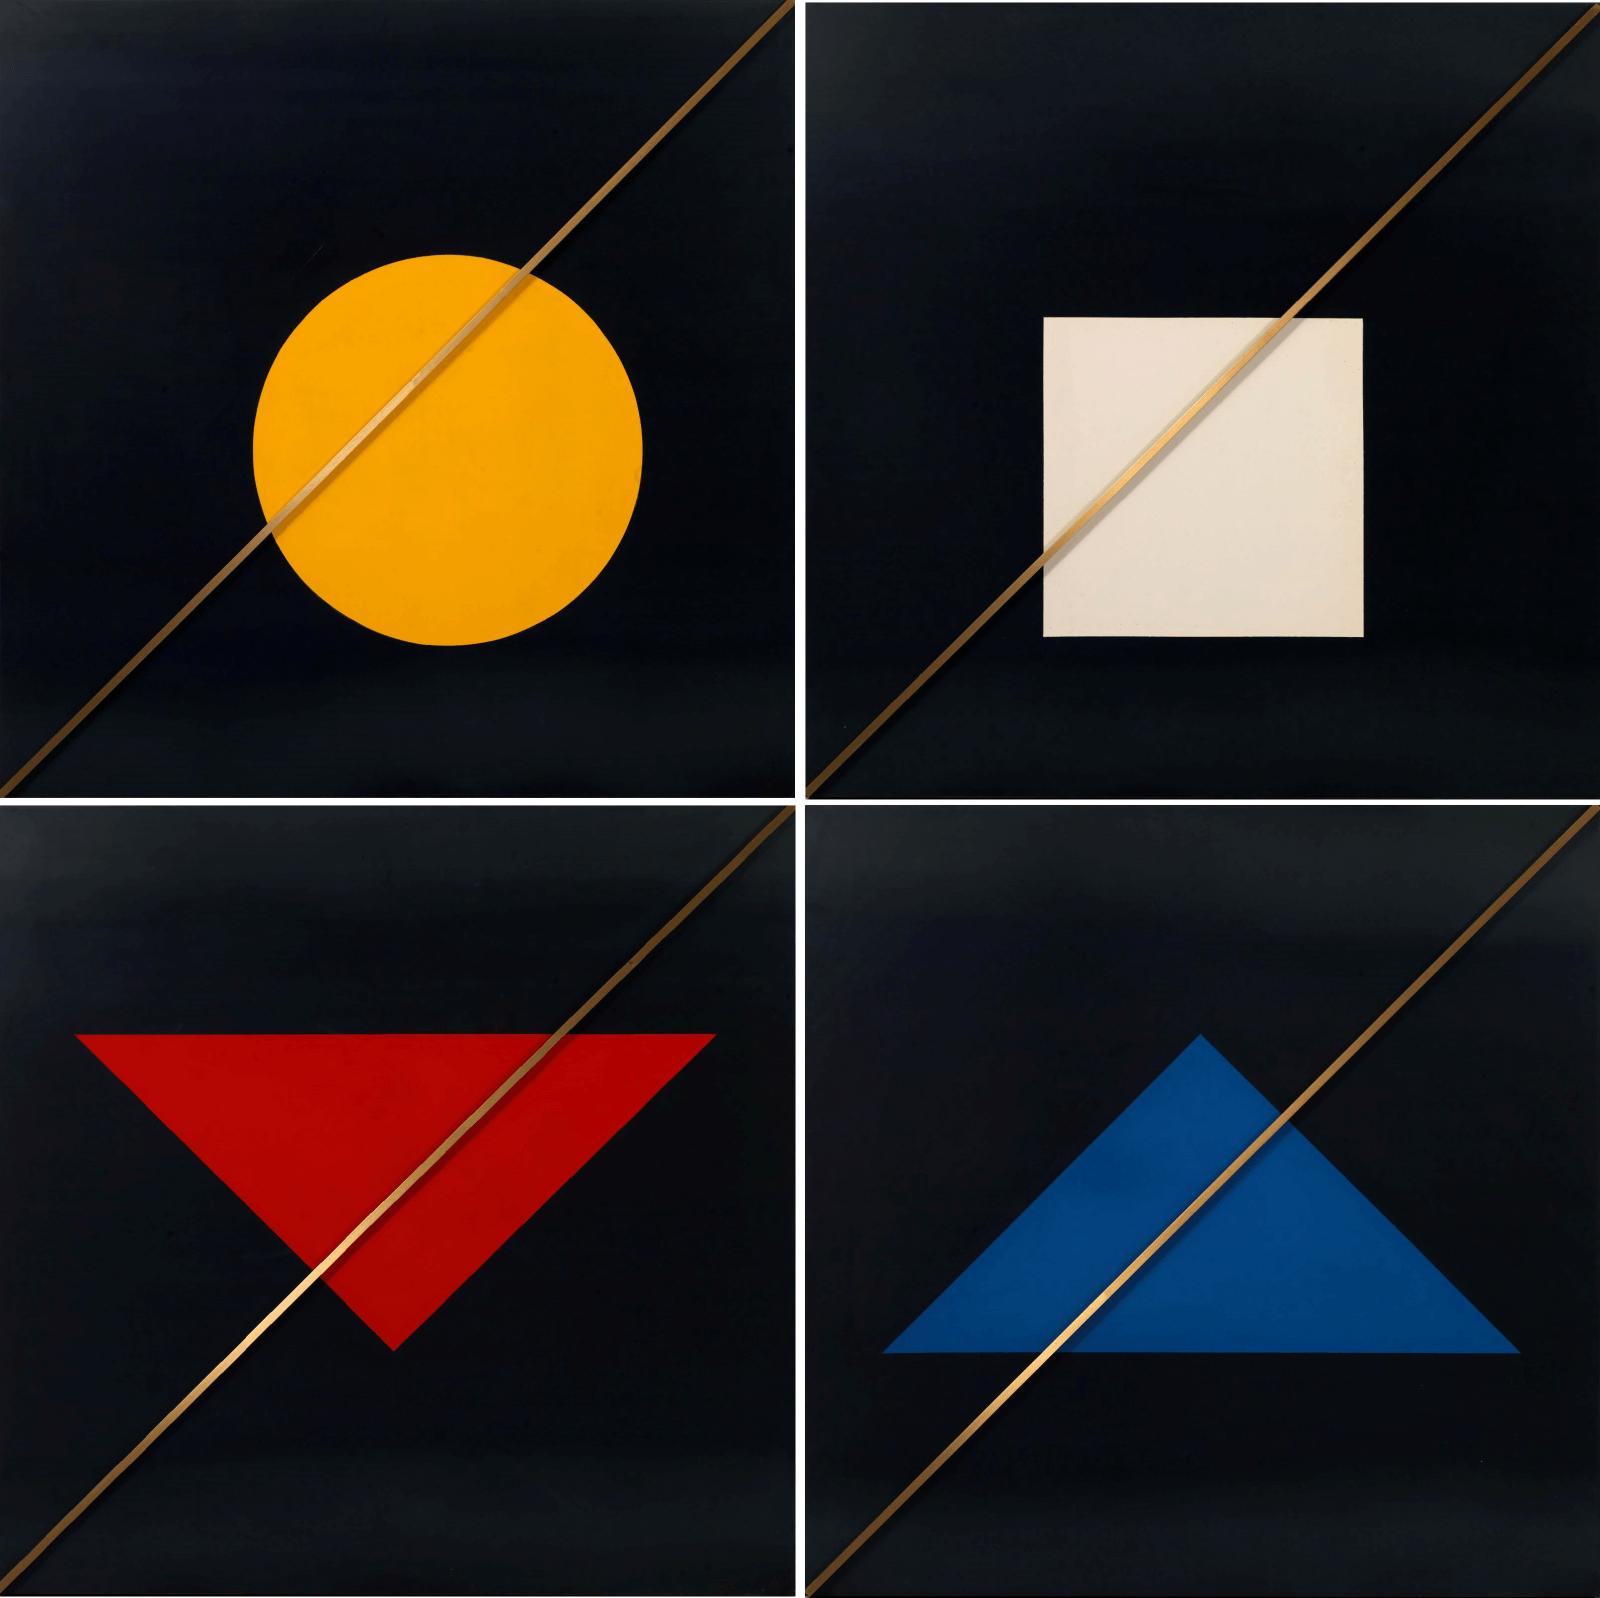 Γιάννης Μίχας (1938-2008) Λ+Χ+Μ (301, 302, 303, 304),1999 Μαύρη λαμαρίνα, χρώμα και μπρούτζος 226 x 226 εκ. (113 x 113 εκ.)